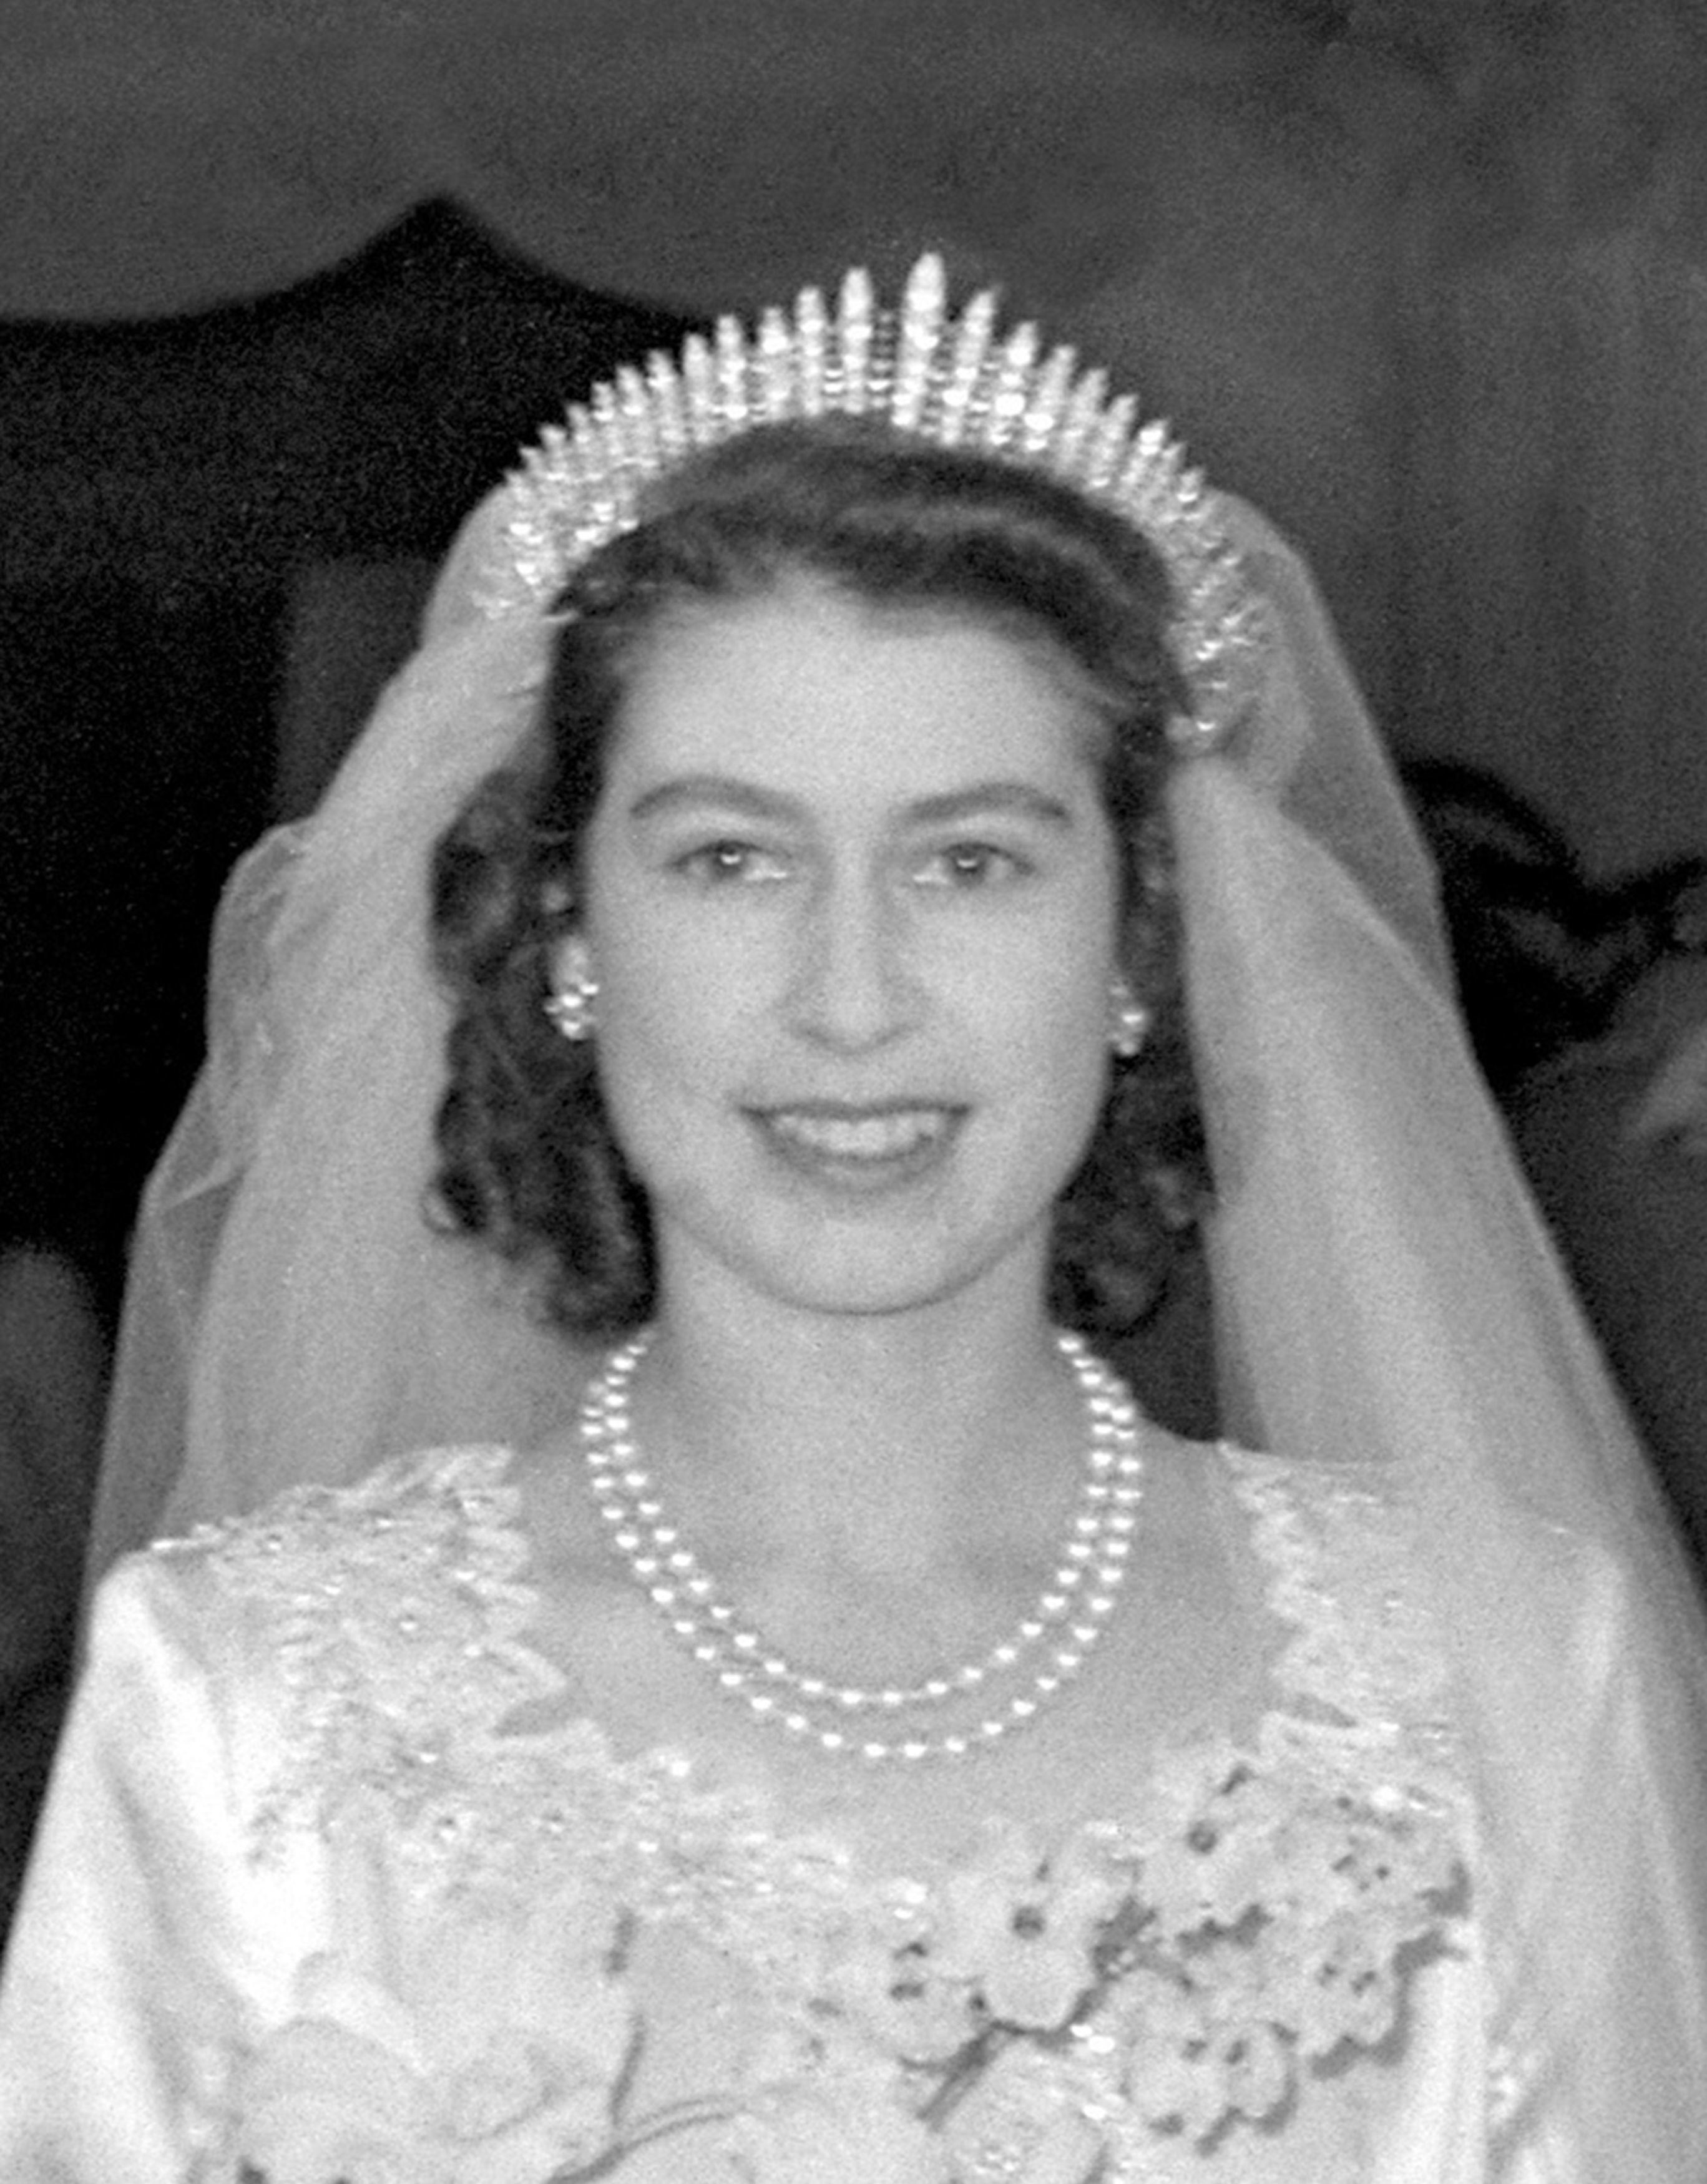 Queen Elizabeth's Wedding